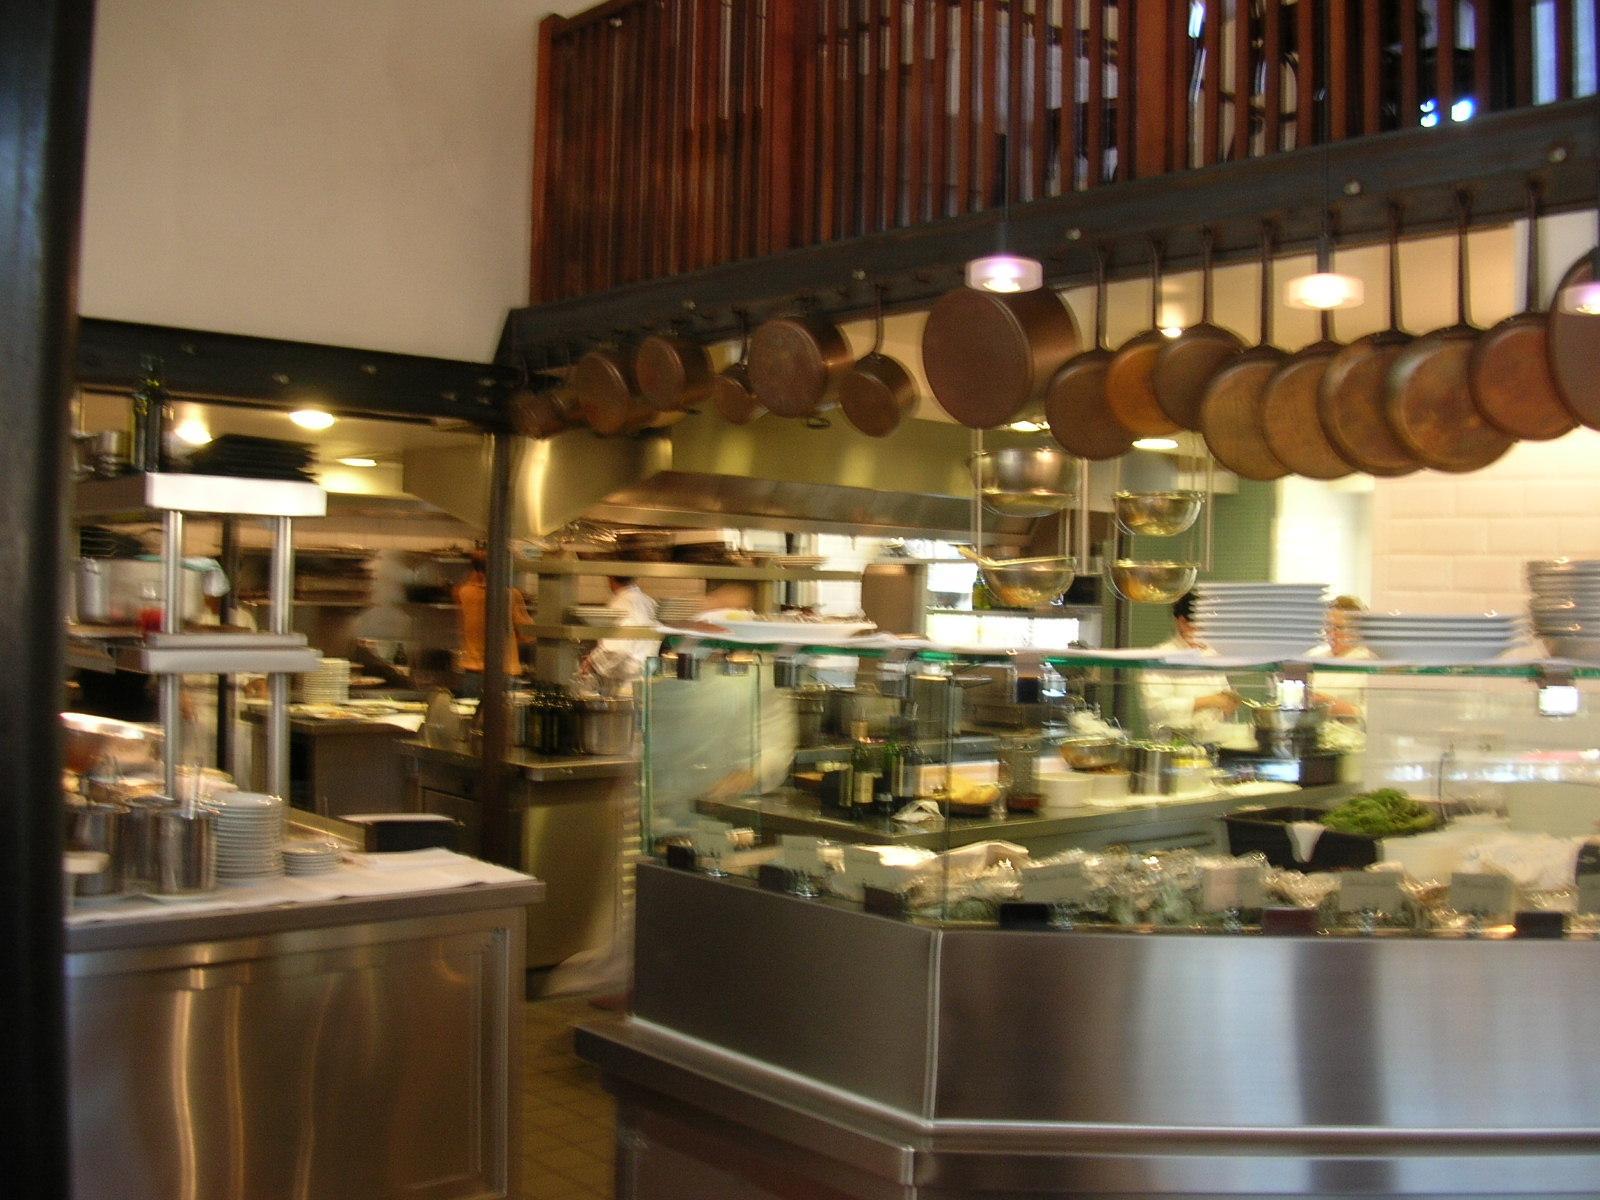 Sunrrestaurant kitchen for Kitchen cuisine